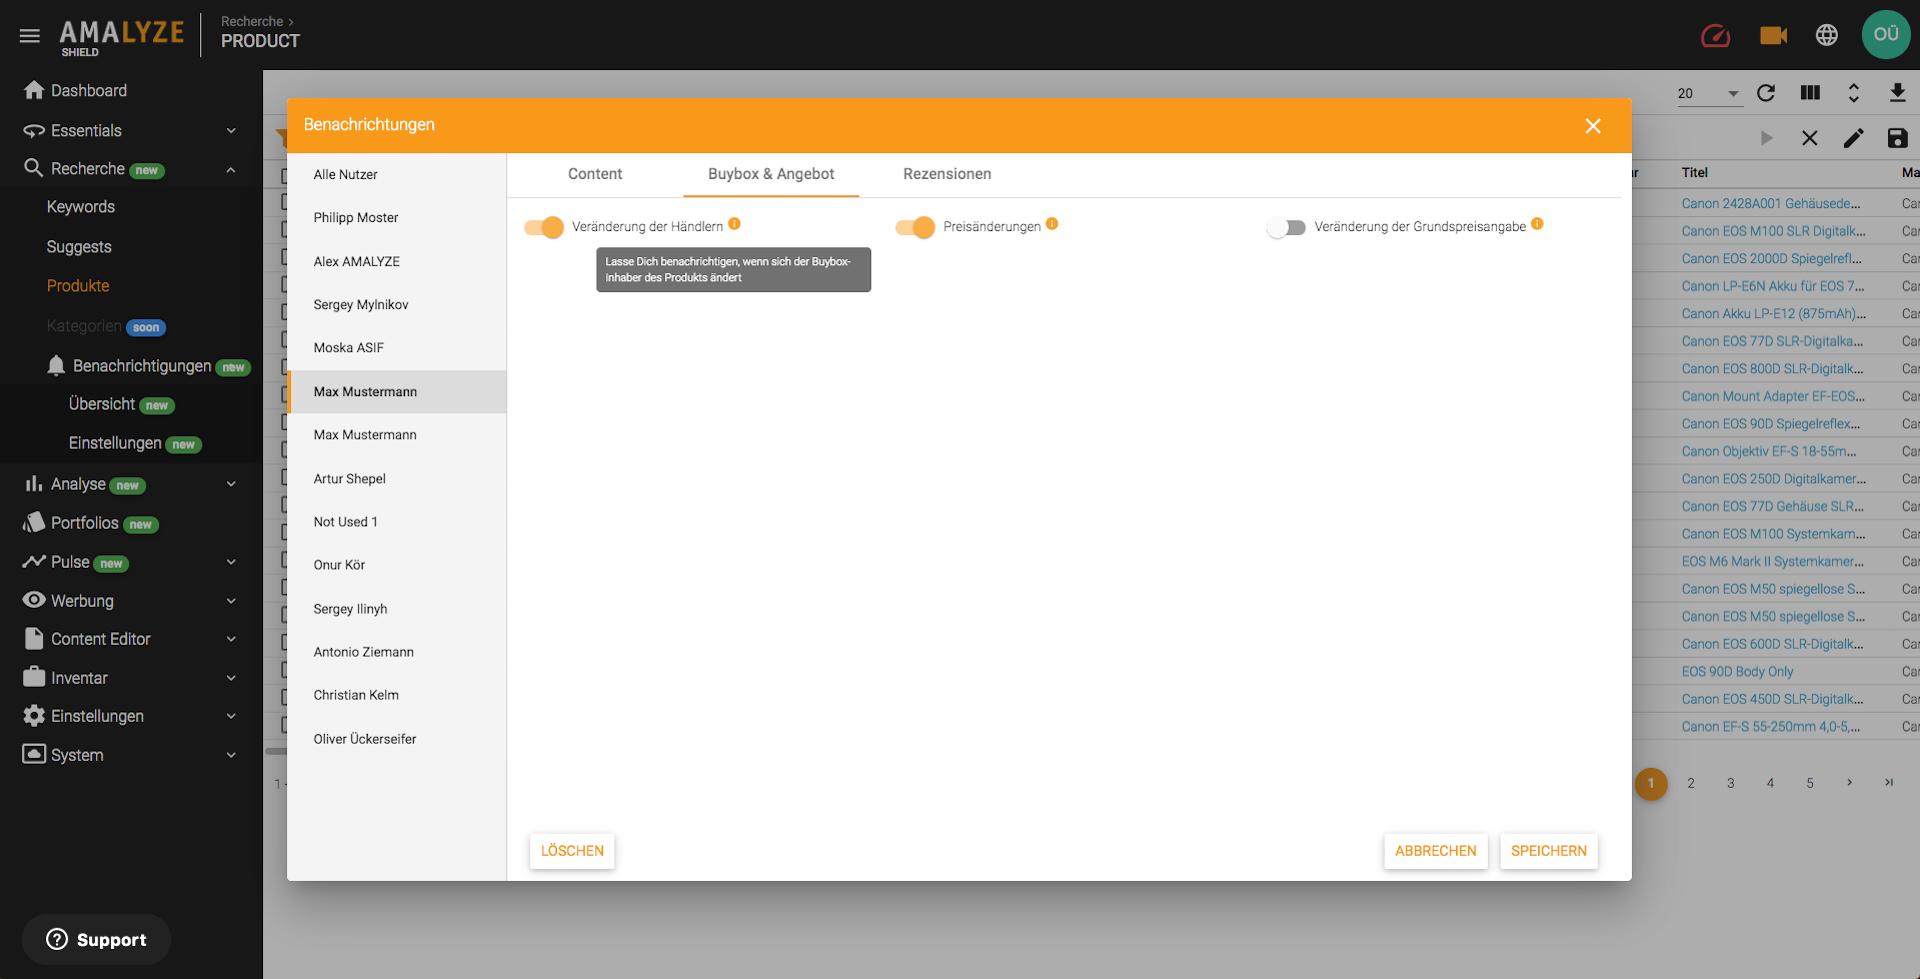 AMALYZE Shield_Benachrichtigungen Auswählen und Nutzern zuweisen